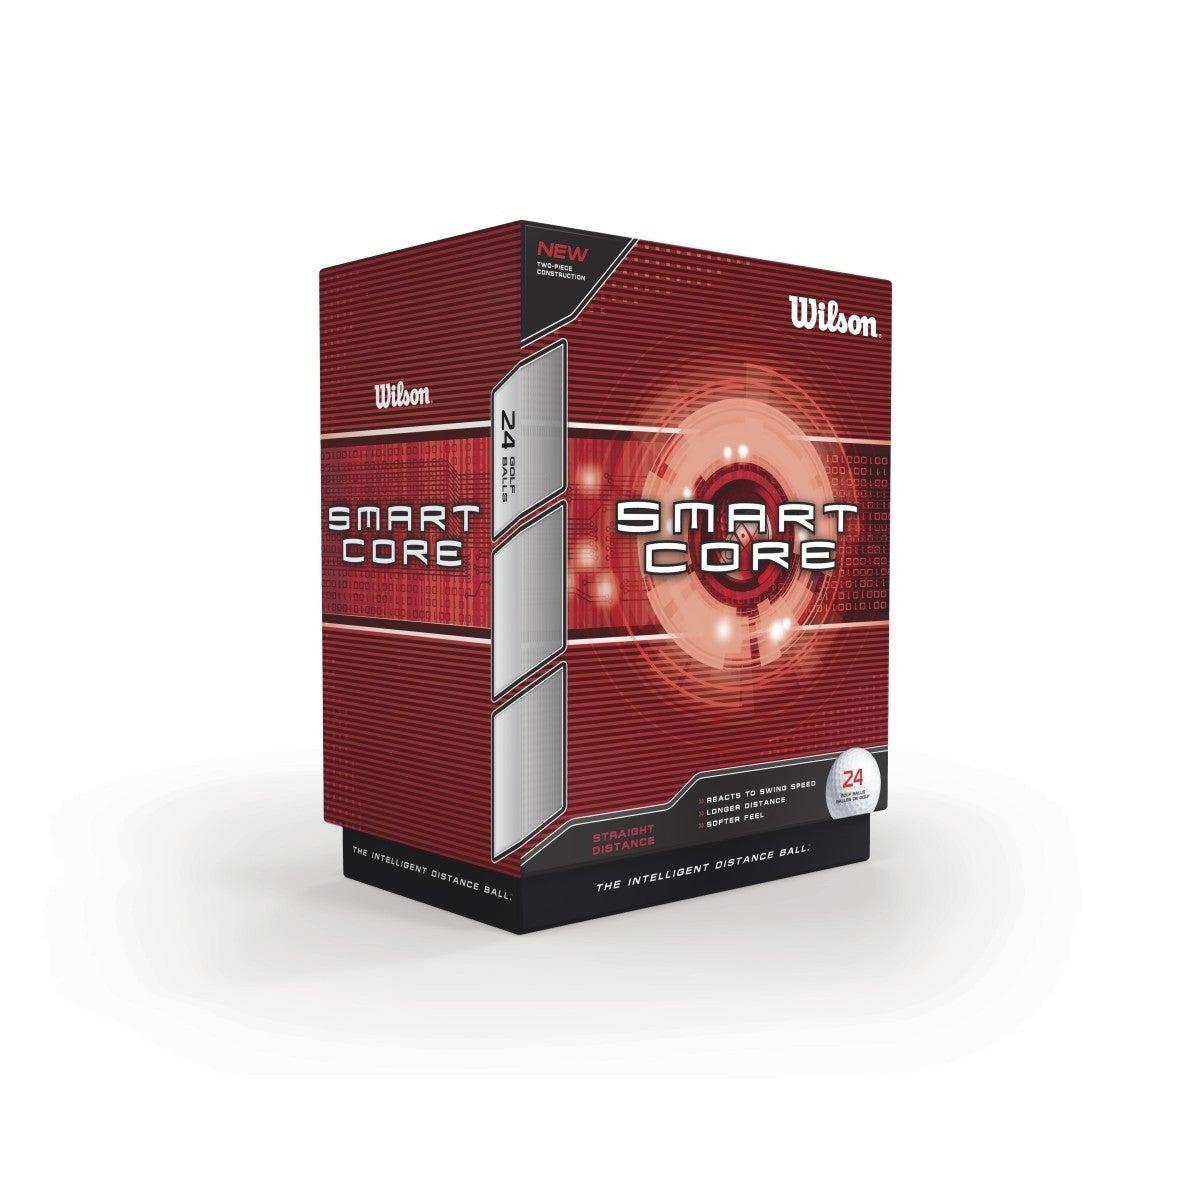 Wilson Smart Core 24 Pack Golf Balls